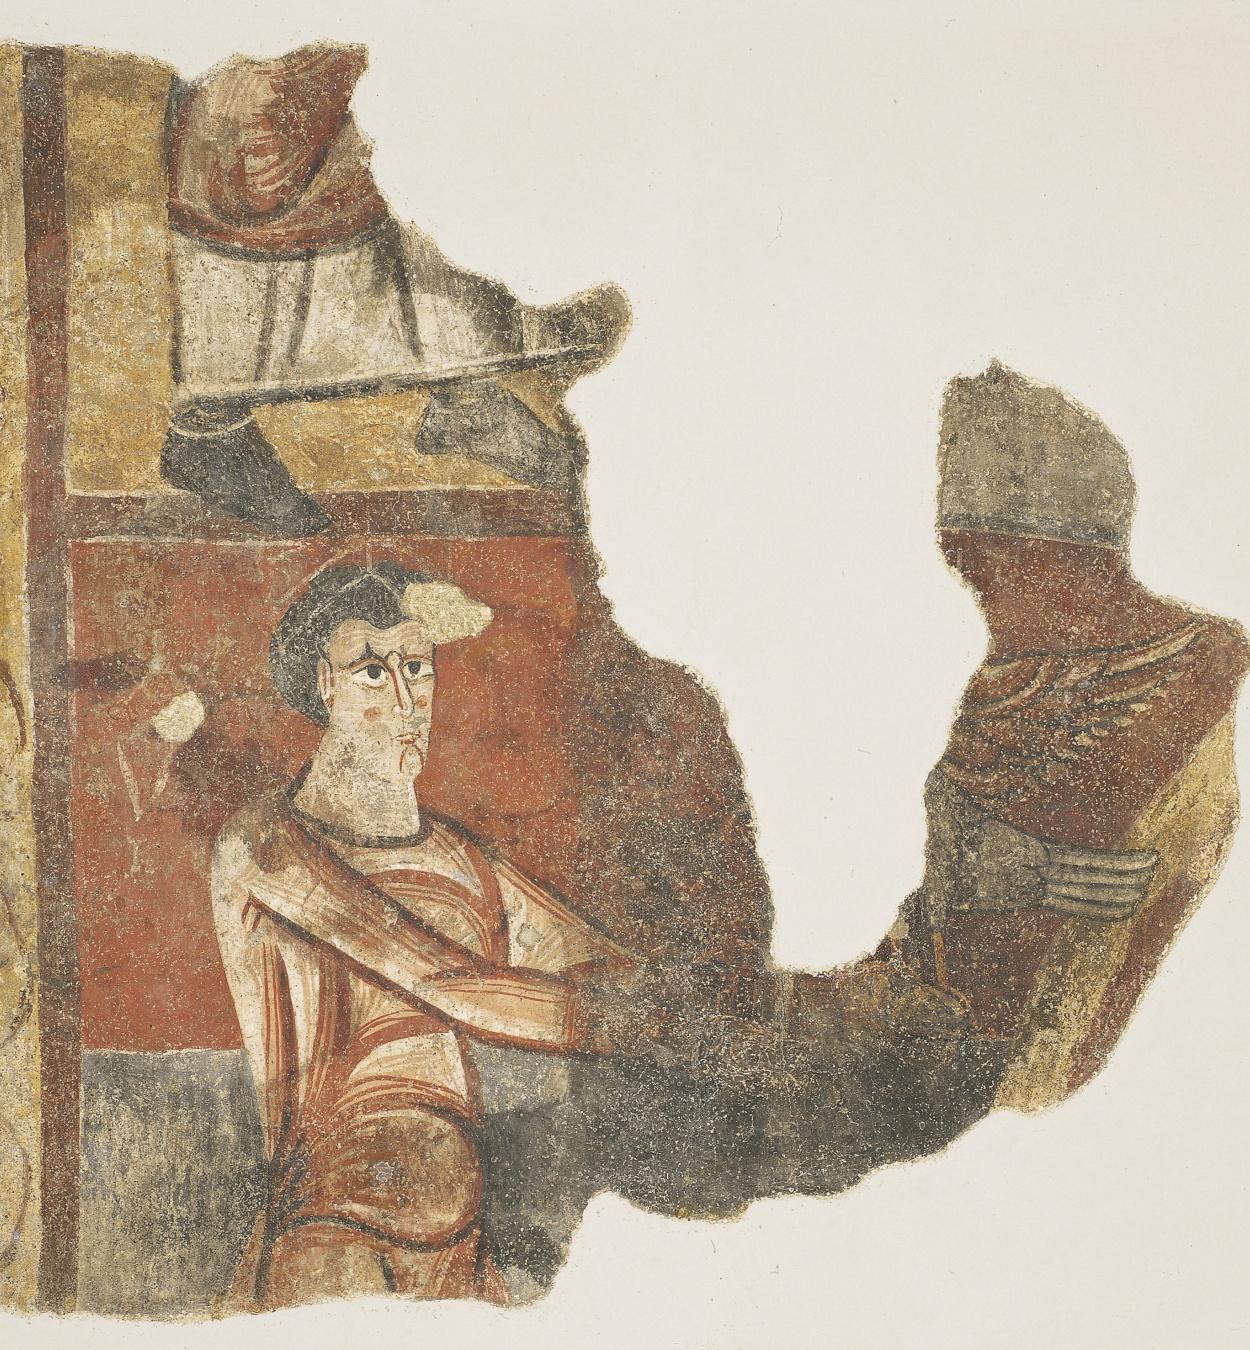 Mestre de Boí - Falconer de Boí - Cap a 1100 [1]